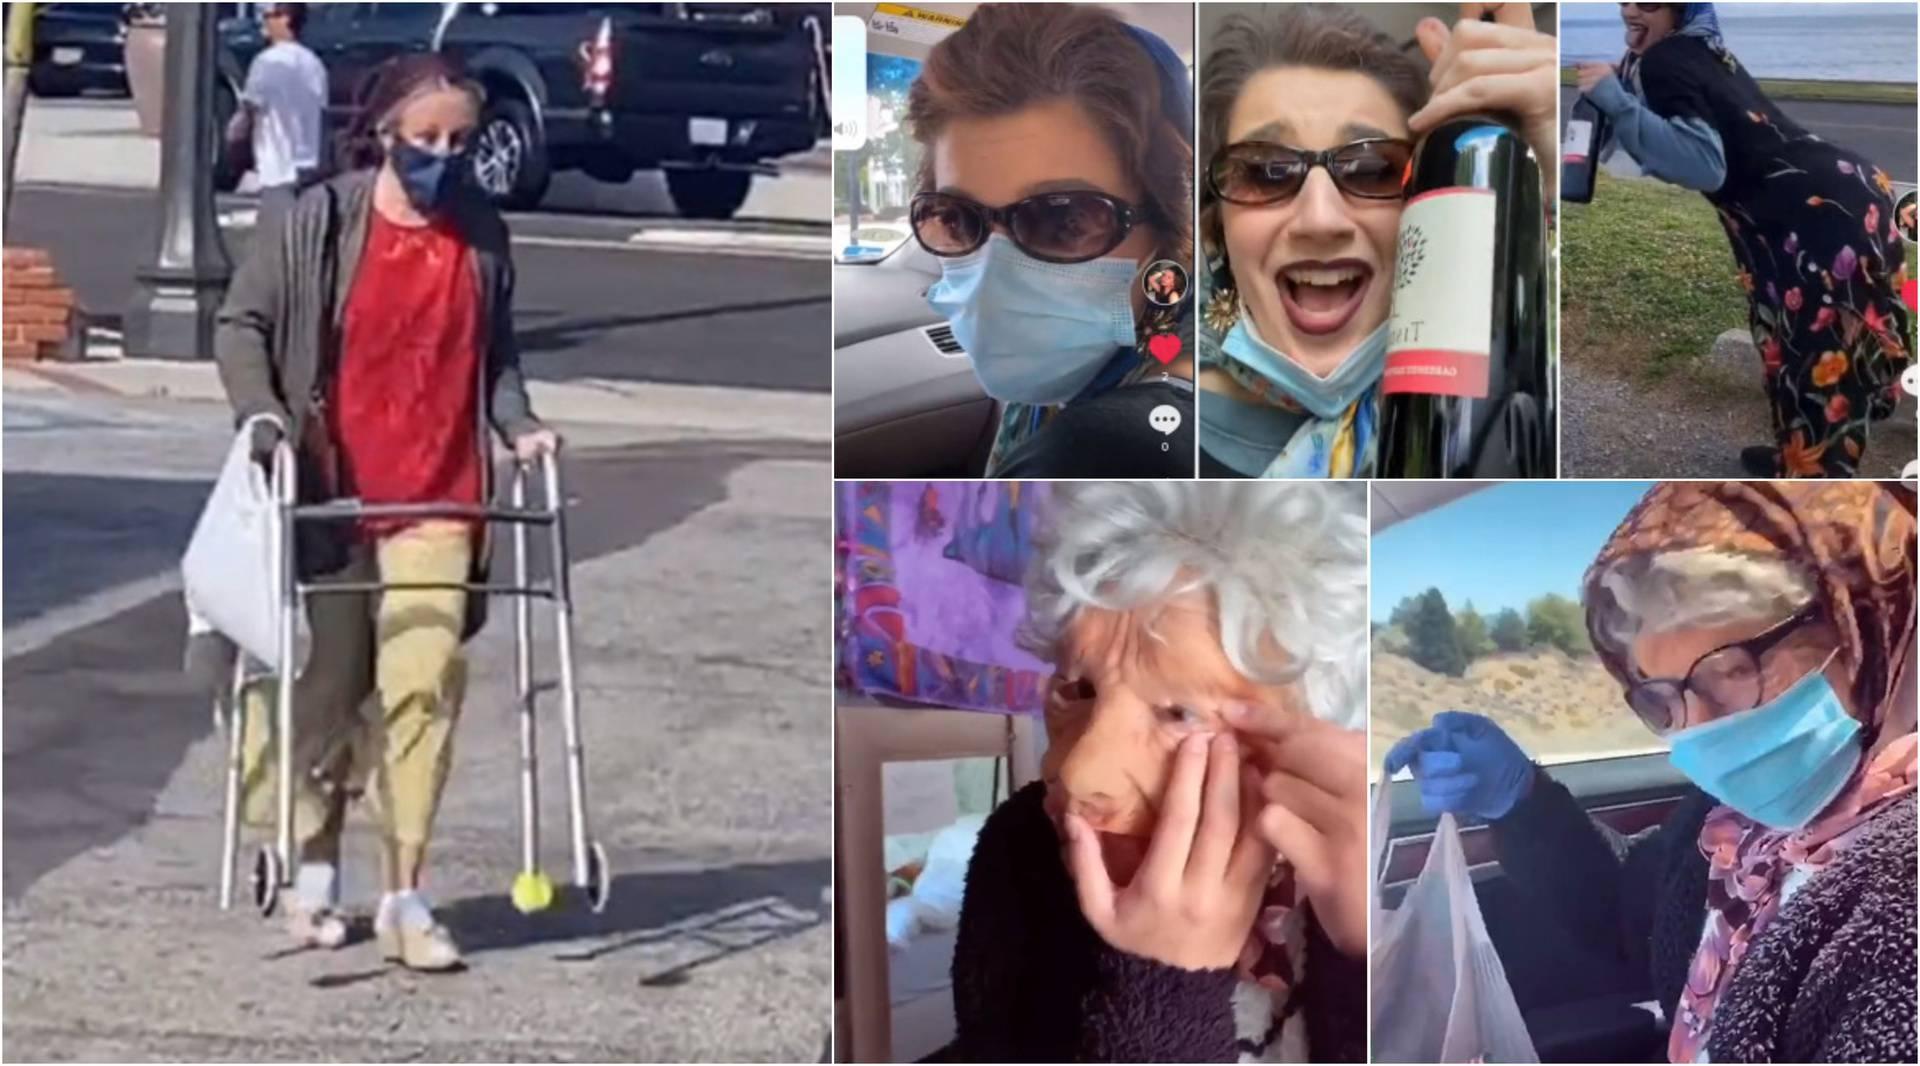 Klinci se maskiraju u bakice s maskom da mogu kupiti alkohol